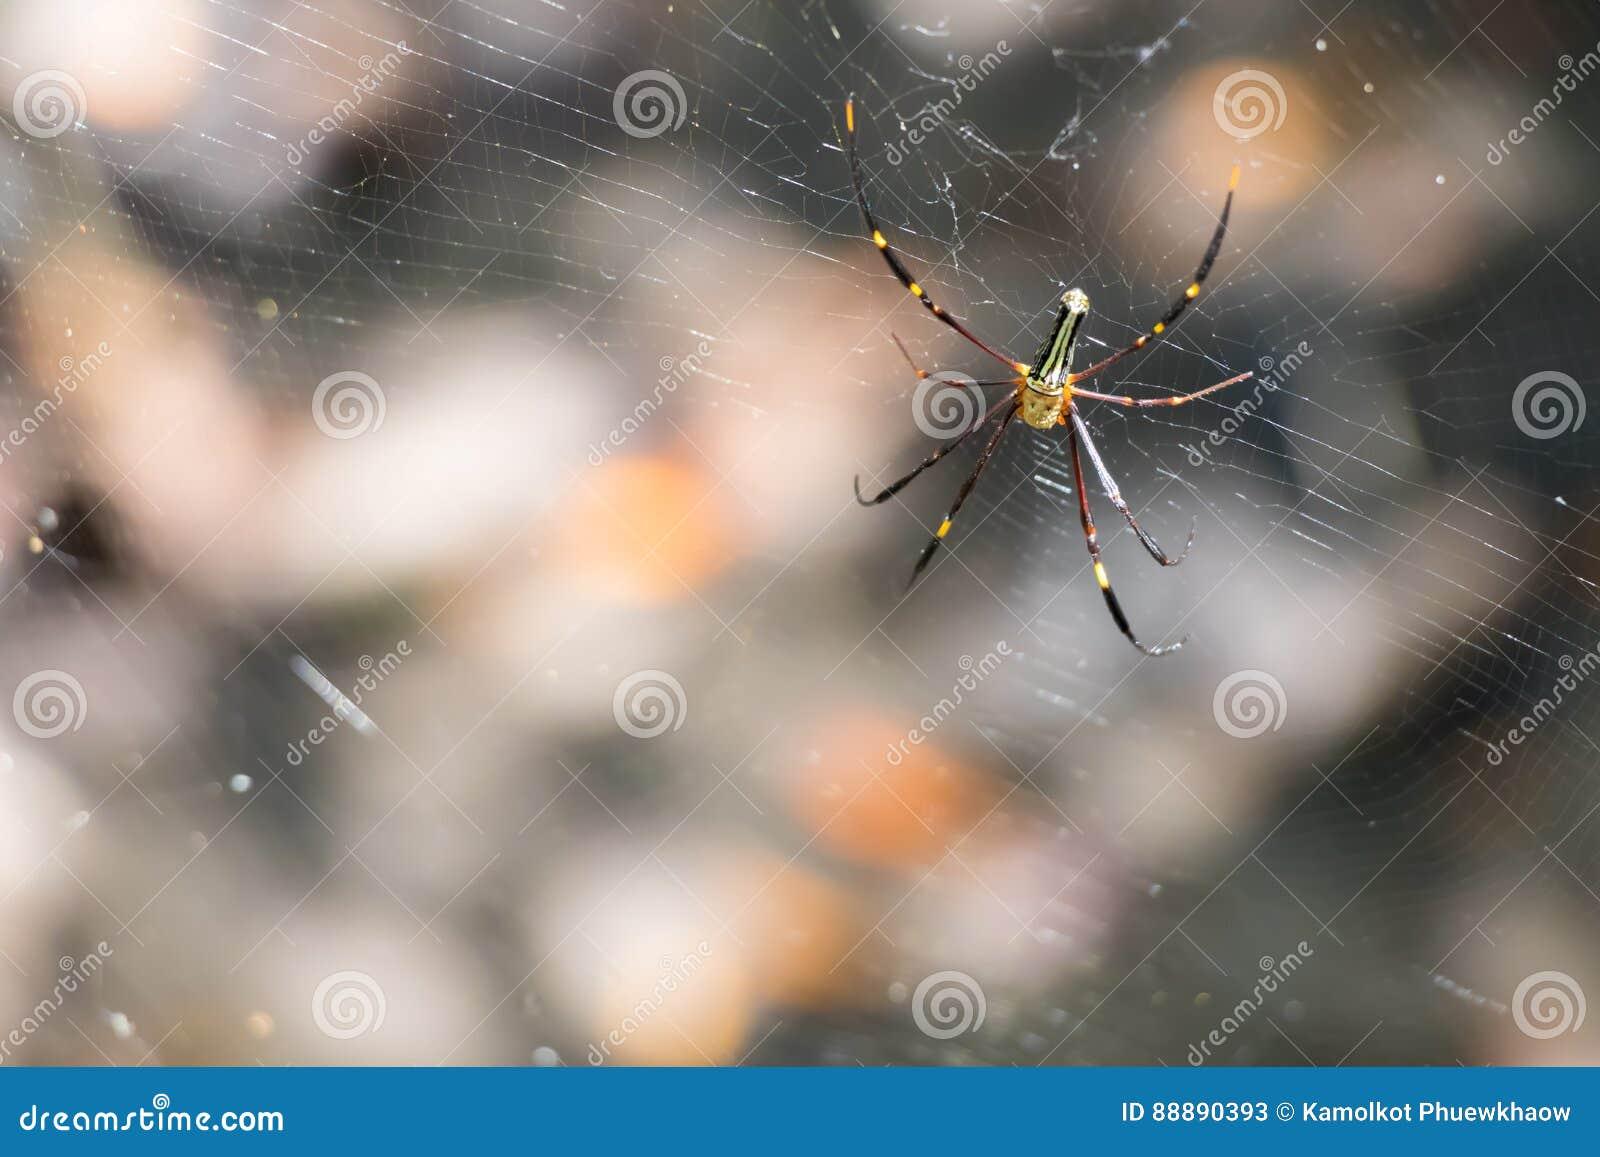 蜘蛛等待在网的诱饵